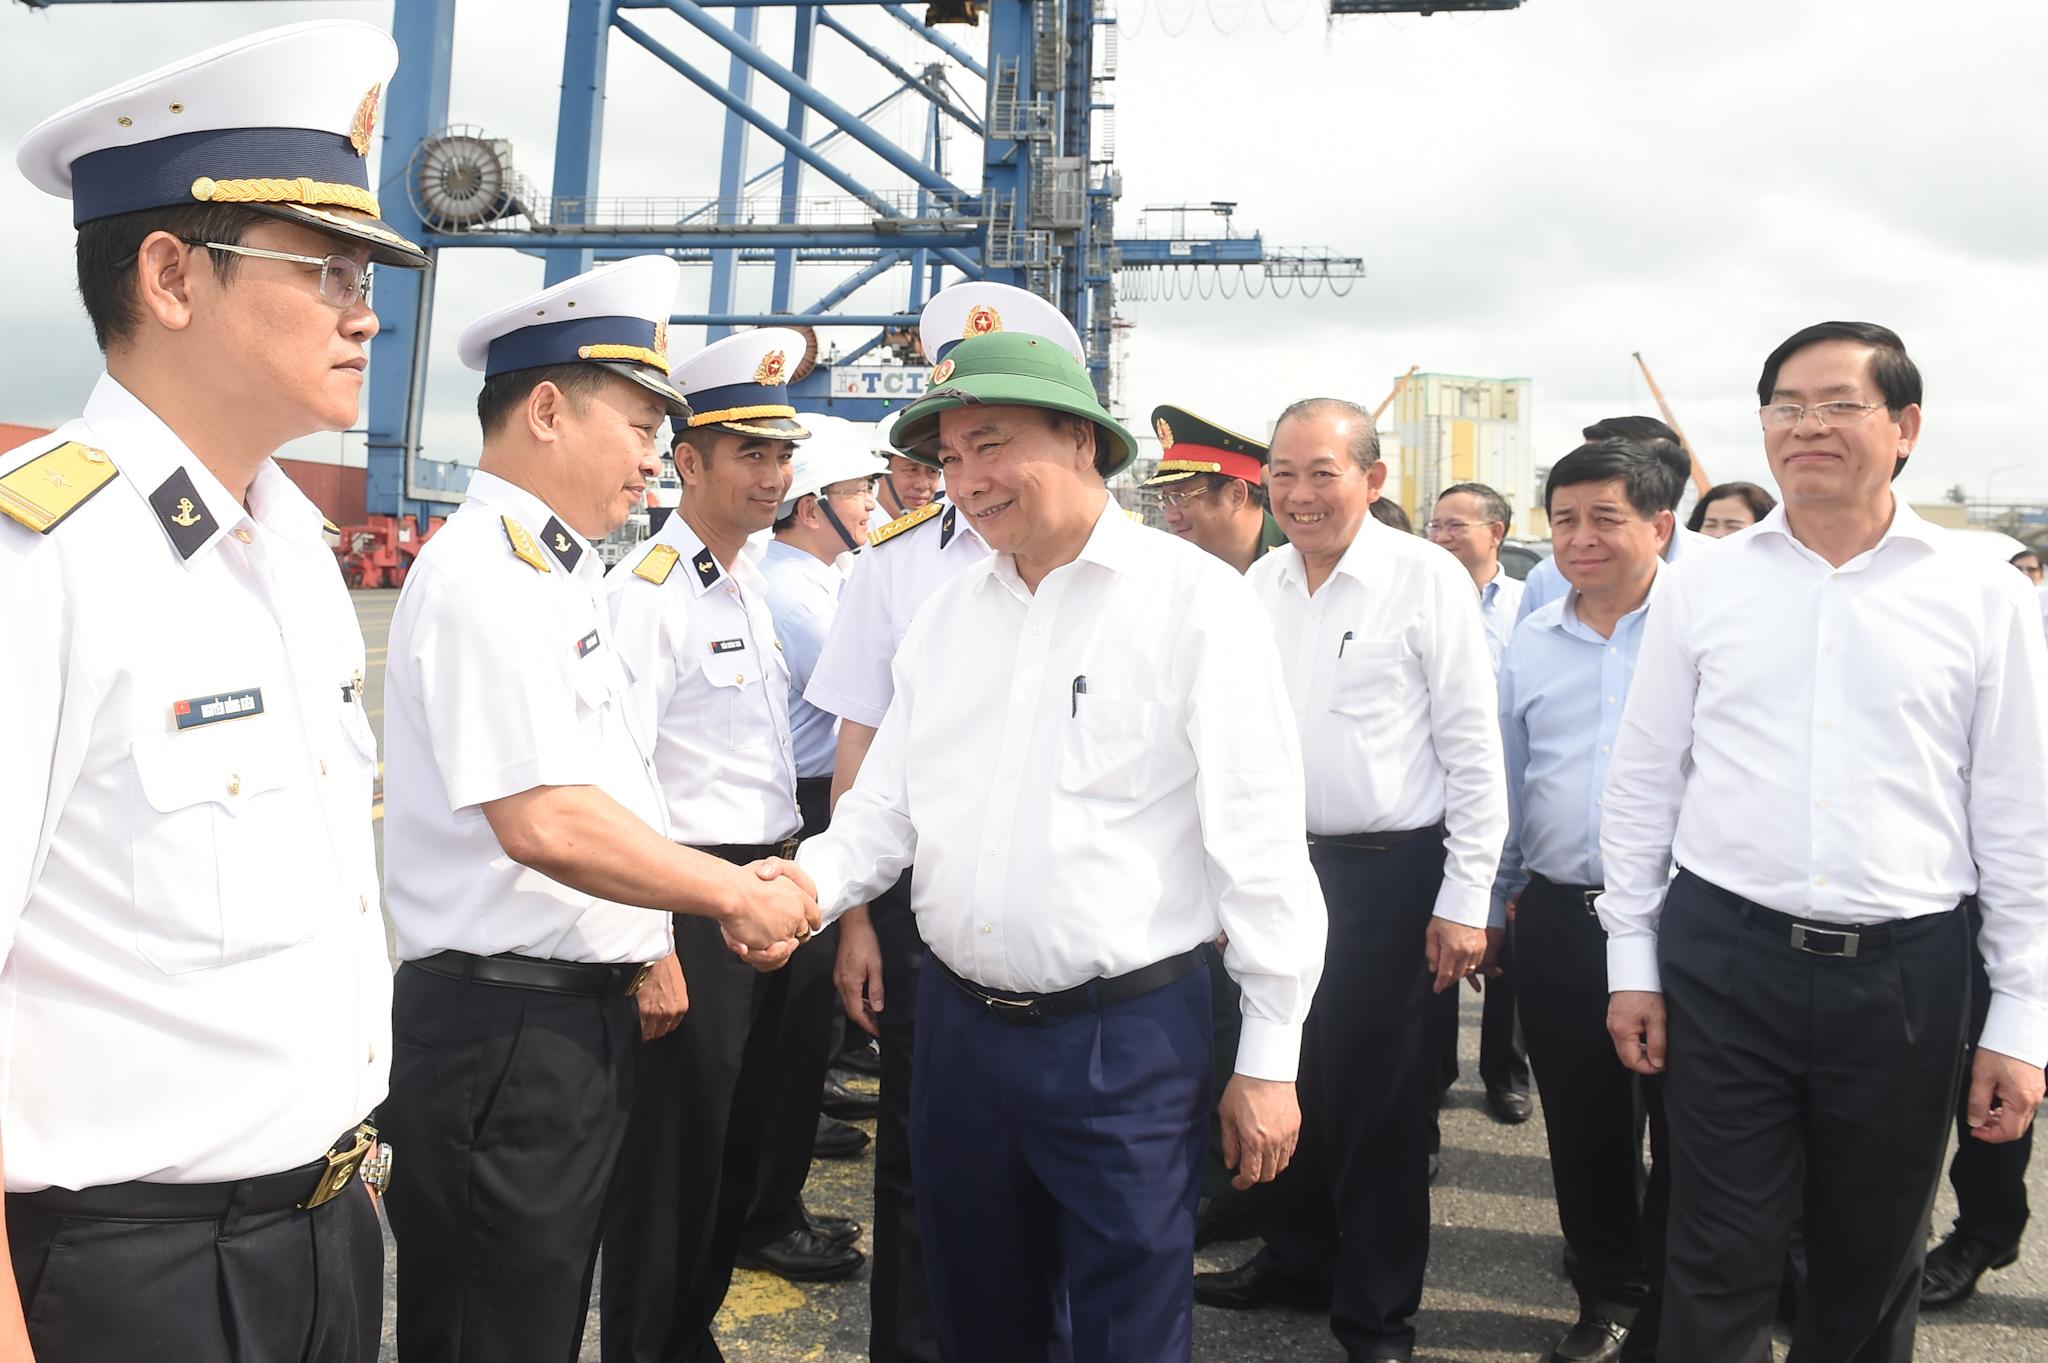 Thủ tướng Nguyễn Xuân Phúc thăm Tân Cảng-Cái Mép. Ảnh: VGP/Quang Hiếu